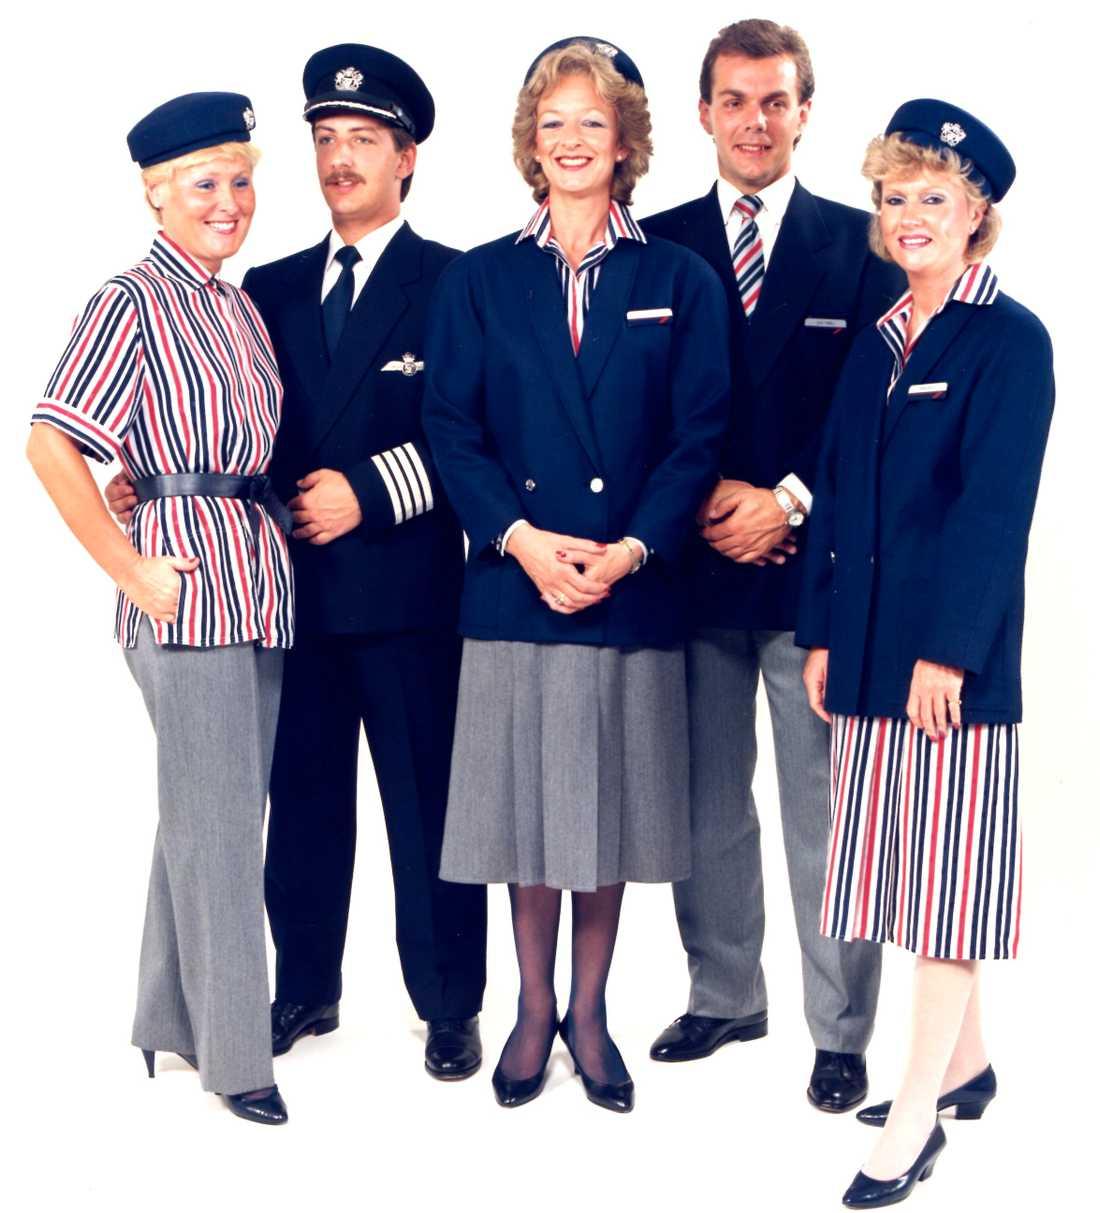 Året var 1985 och förändringar i personalens uniformer gjordes för att skapa ett mer välkomnande intryck.